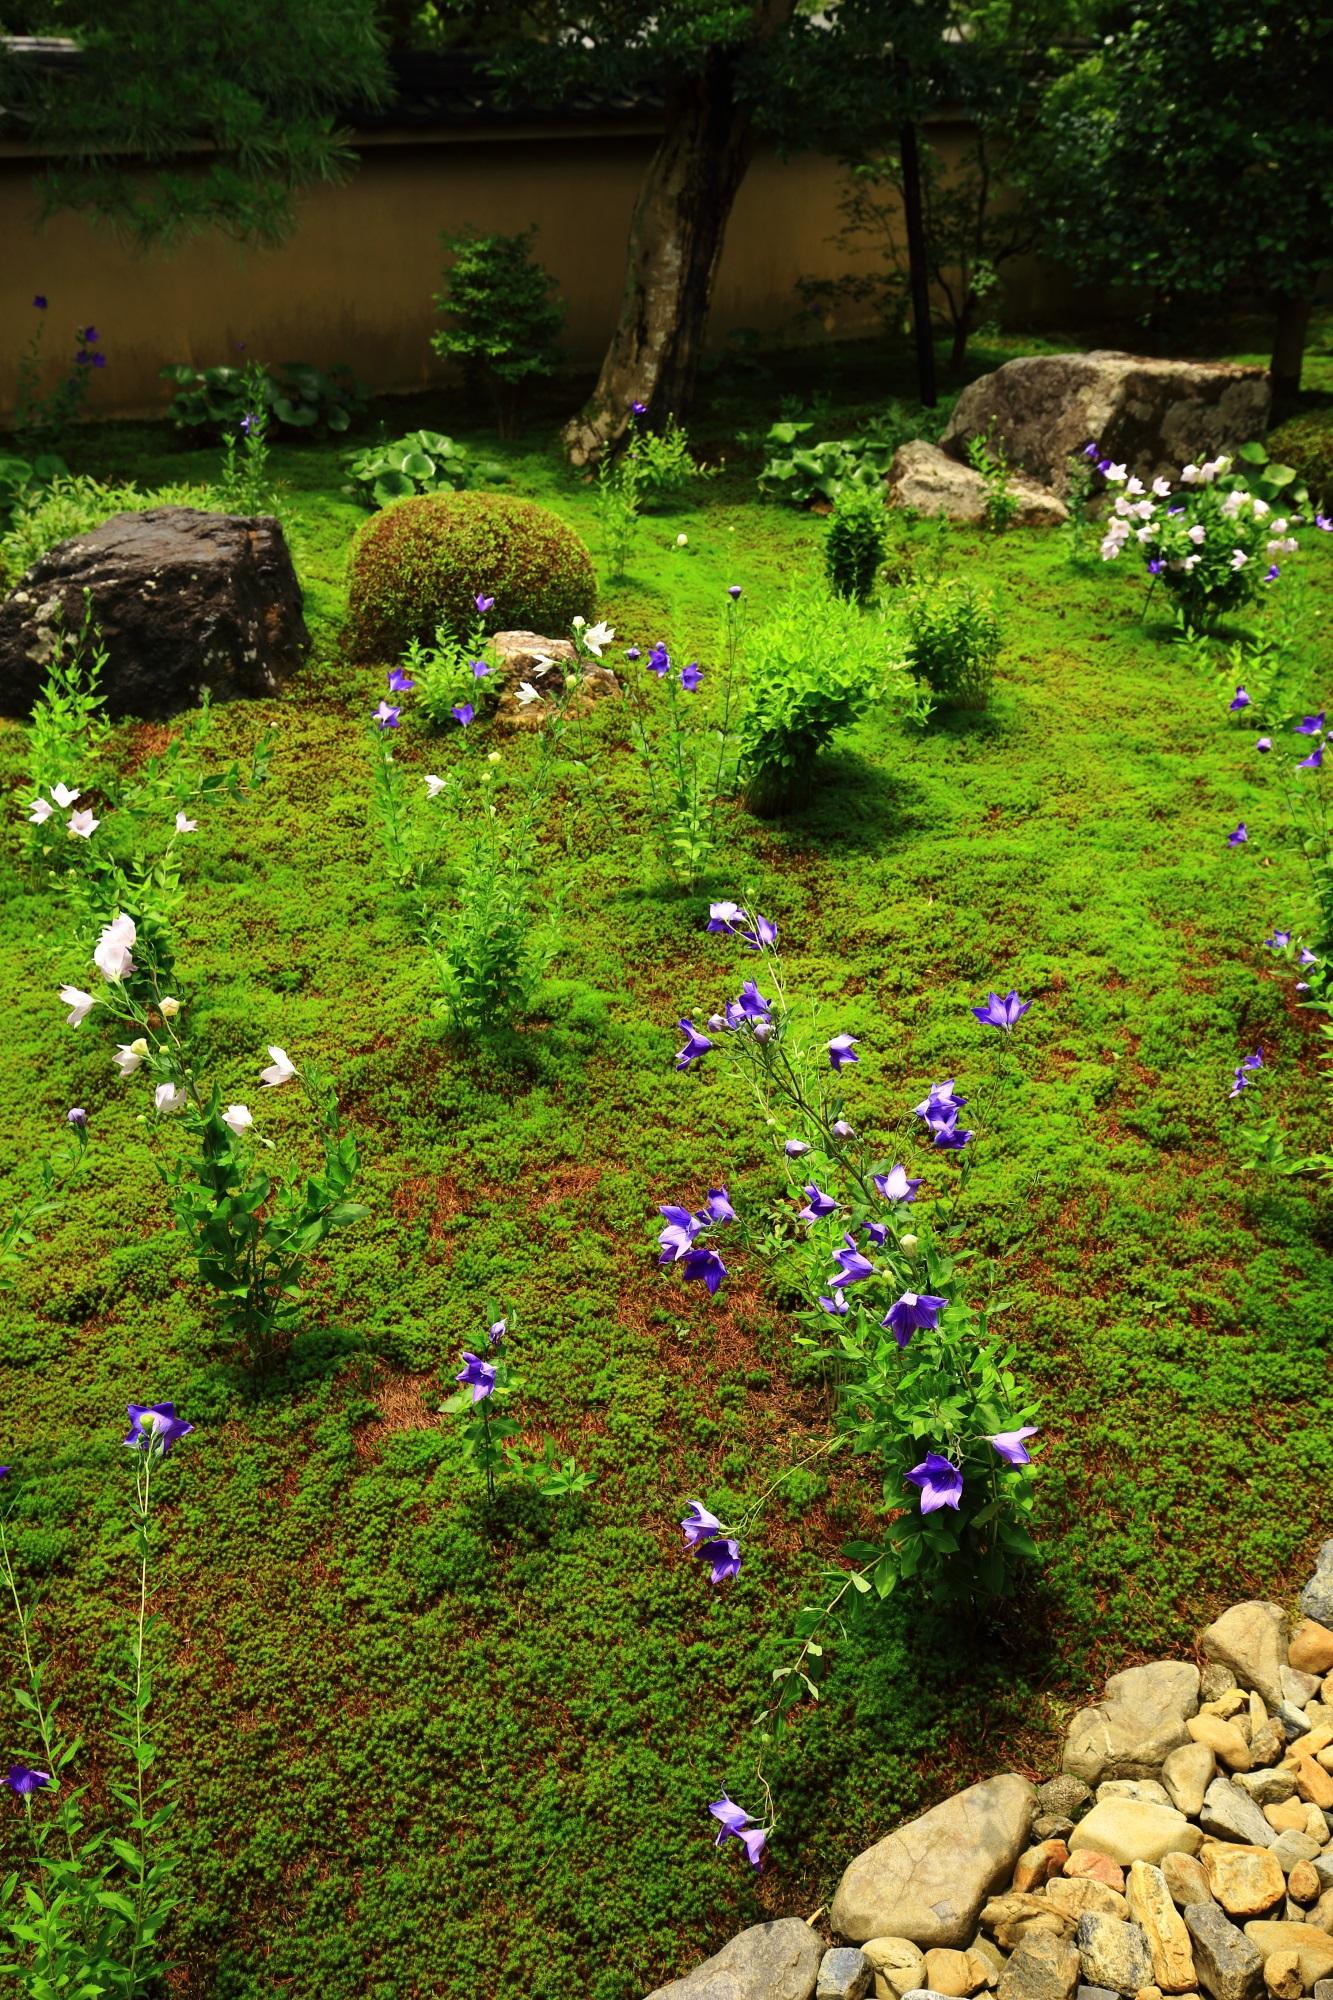 桔梗もさることながら苔や緑も綺麗な天得院の枯山水庭園